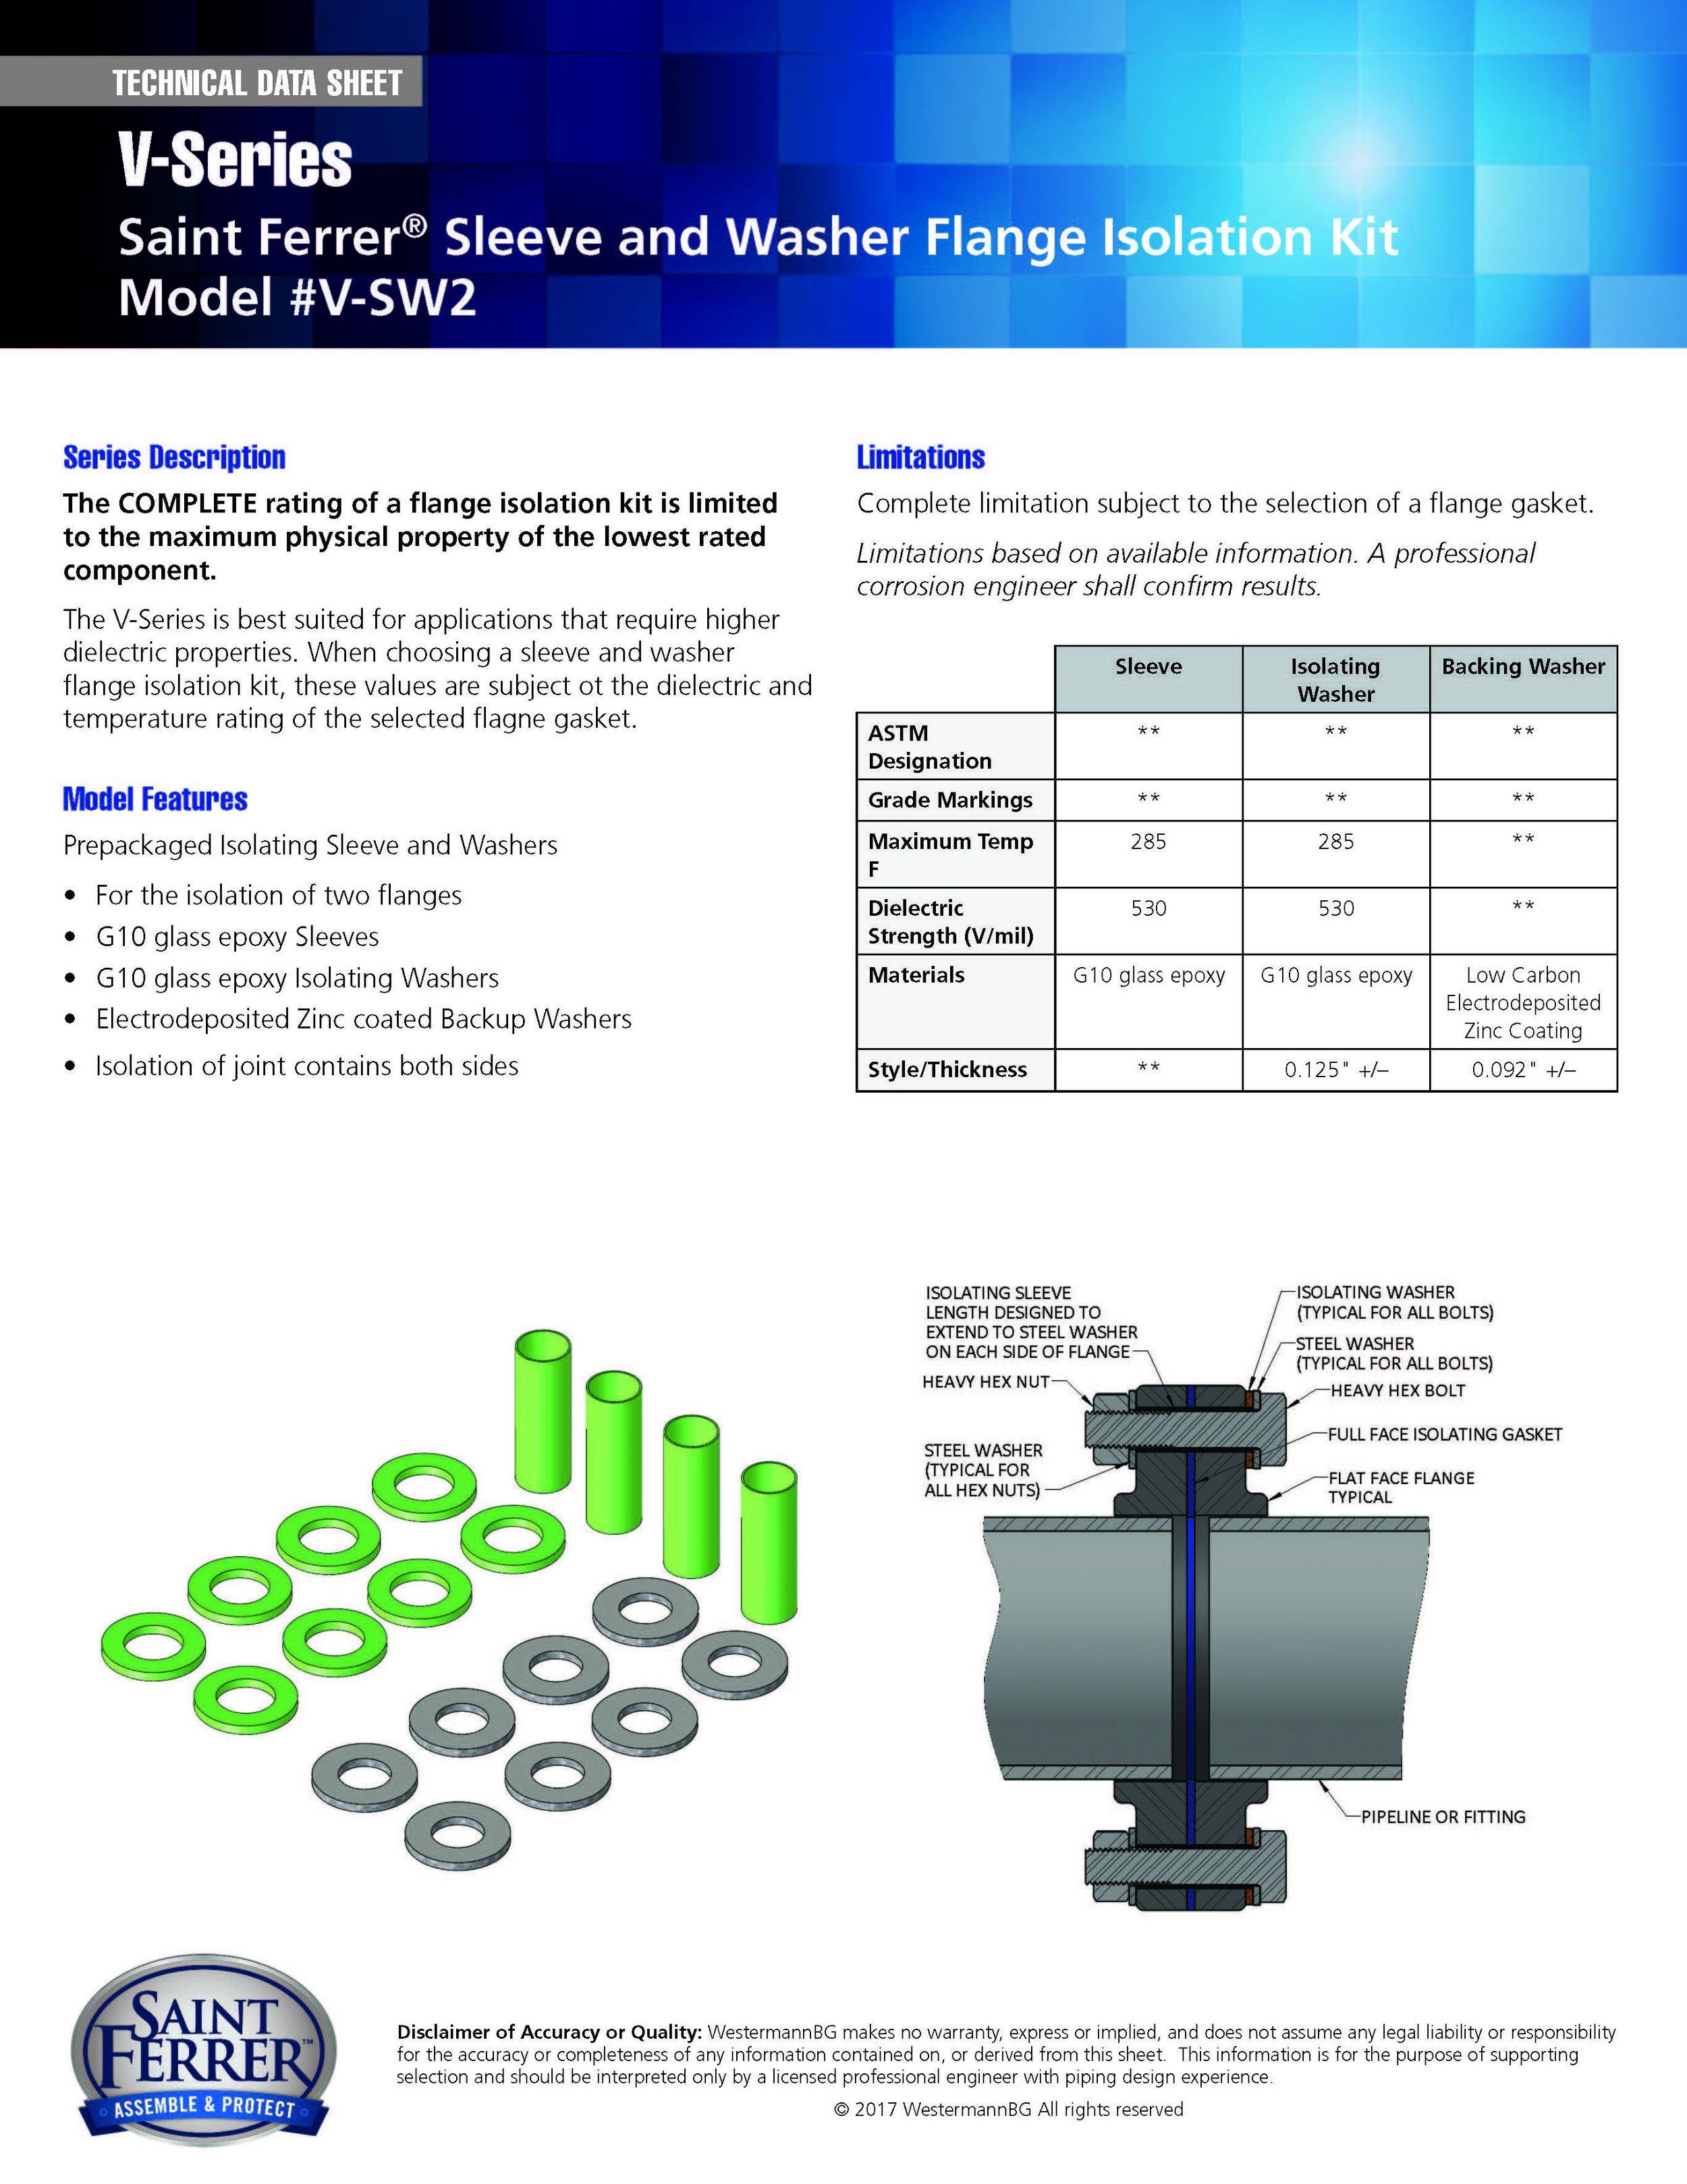 SF_Data_Sheet_V_Series_V-SW2.jpg